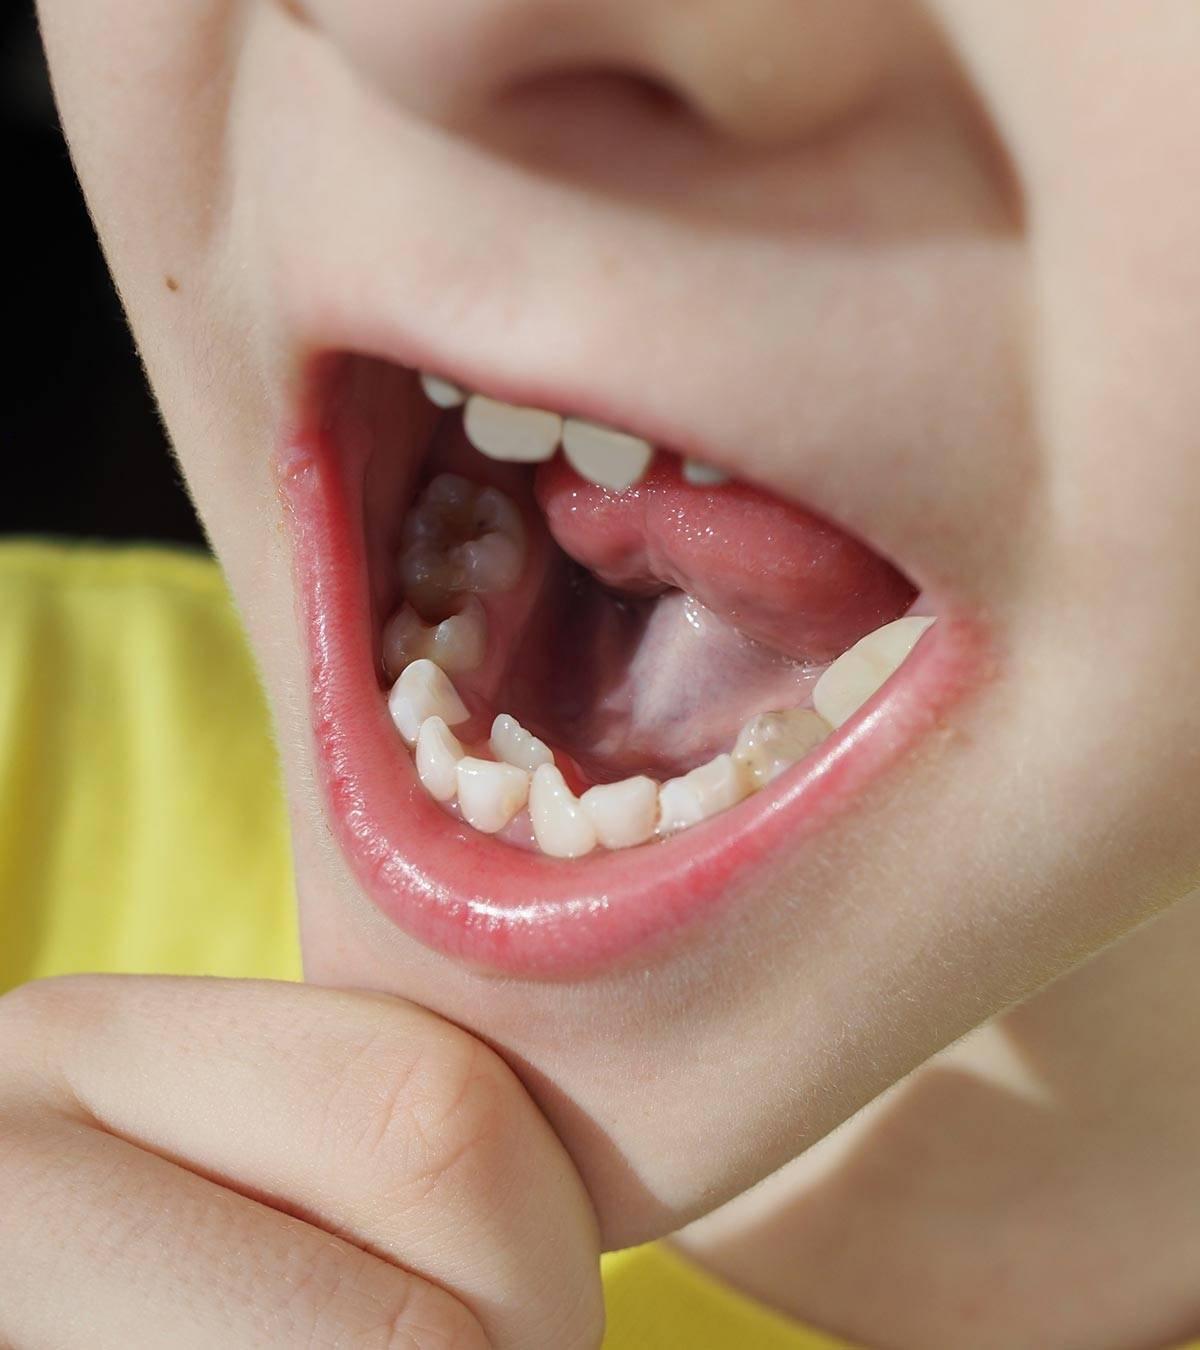 Полиодонтия (гипердонтия) зубов у человека: фото, лечение, признаки